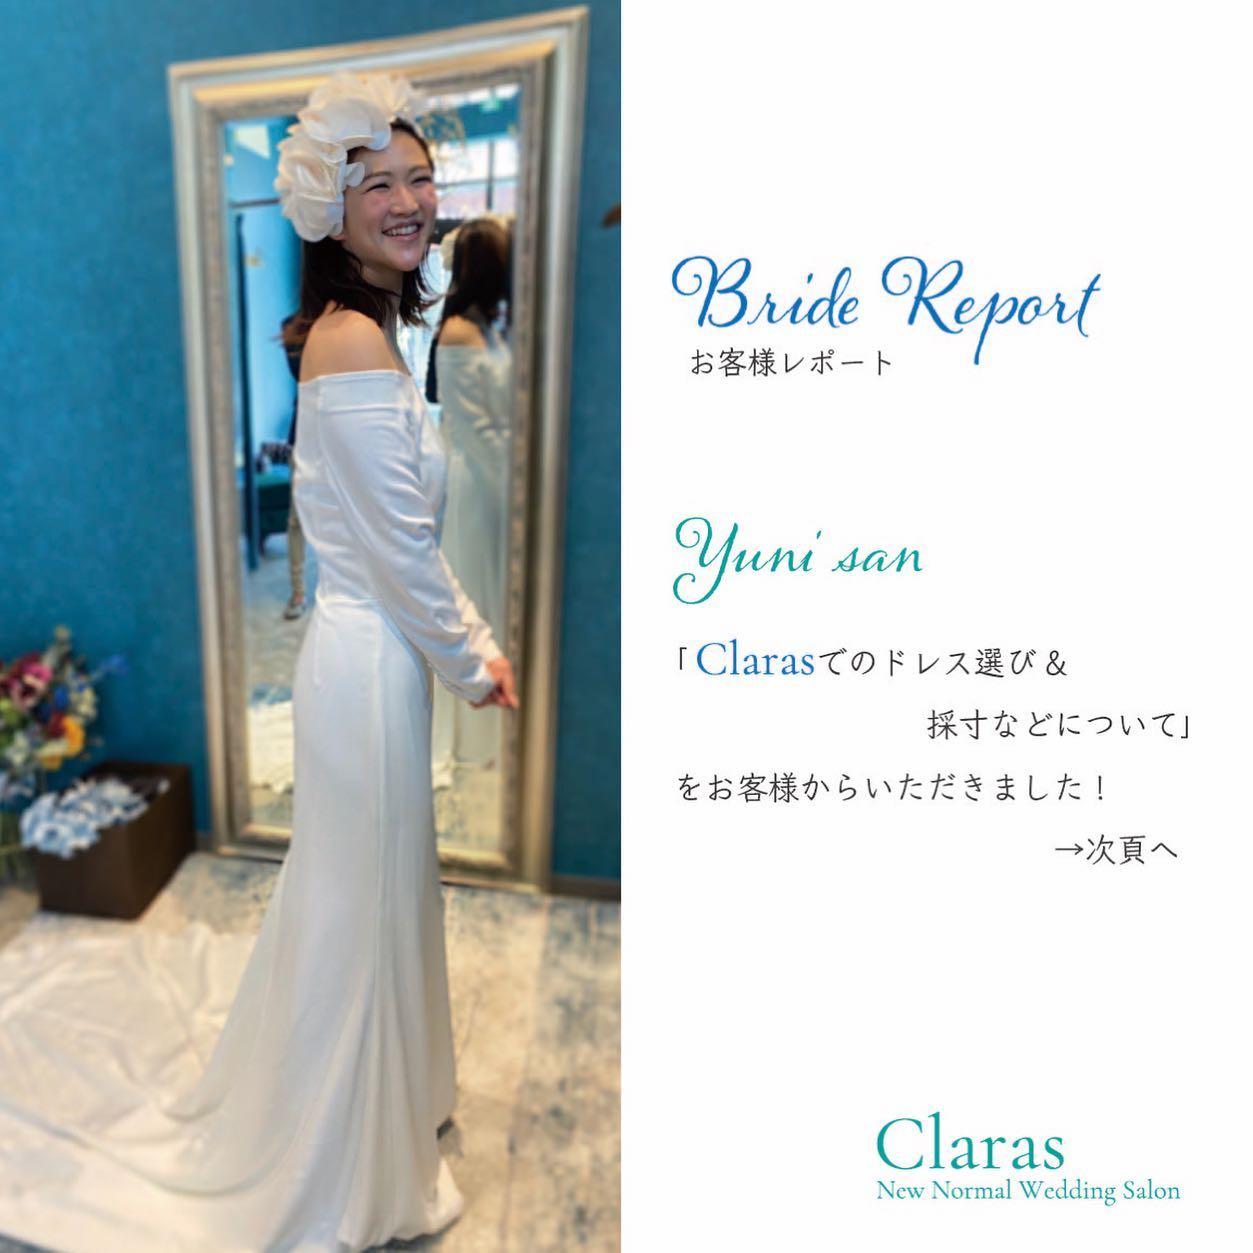 """🕊Claras が伝えたいこと🕊・本当のドレス選びの楽しさを感じて欲しい・インポートドレスを適正価格でお届けするのがClaras・レンタルでは叶わない繊細で上質な素材も、ジャストサイズだから再現できるデザイン美も・Parisに関連会社があるからこそ直輸入での適正価格が叶う・Clarasは1組ずつ貸切でご案内寛ぎながら本当にその方に合った1着へと導きます自分だけのための1着を選びに来てください🤍結婚式やフォトなど迷ってる方でもまずはClarasへ🕊・長年様々なウエディングに携わってきたClarasスタッフより、細かなカウンセリングを行い的確ななご提案をさせていただきますご予約はDMからでも承れます・New Normal Wedding Salon""""Claras""""https://claras.jp/・about """"Claras""""…(ラテン語で、明るい·輝く)As(明日· 未来, フランス語て最高、一番) ・明るく輝く明日(未来) に貢献したいという想いを込めています🕊Fashionの都Parisをはじめ、欧米から選りすぐりのドレスをこれから出逢う花嫁のために取揃えました・2021.3.7 (Sun)NEW OPEN・Dressから始まるWedding Story""""憧れていた Dress選びから始まる結婚準備があったっていい""""・さまざまな新しい「価値」を創造し発信していきますこれからの新しい Wedding の常識を""""Claras """"から🕊・New Normal Wedding Salon【Claras】〒107-0061 東京都港区北青山2-9-14SISTER Bldg 1F(101) 東京メトロ銀座線 外苑前駅3番出ロより徒歩2分Tel:03 6910 5163HP: https://claras.jp営業時間:平日 12:00-18:00 土日祝11:00-18:00(定休日:月・火)・#wedding #weddingdress #instagood #instalike #claras #卒花 #卒花嫁 #ウェディングドレス #プレ花嫁 #ドレス試着 #ドレス迷子#2021夏婚 #2021冬婚 #ヘアメイク #結婚式  #ドレス選び #インポートドレス #フォトウェディング #ウェディングヘア  #フォト婚  #ニューノーマル #ブライダルフォト #カップルフォト #ウェディングドレス探し #ウェディングドレス試着 #セルドレス #ドレスショップ #バウリニューアル #運命のドレス #ellemariage"""